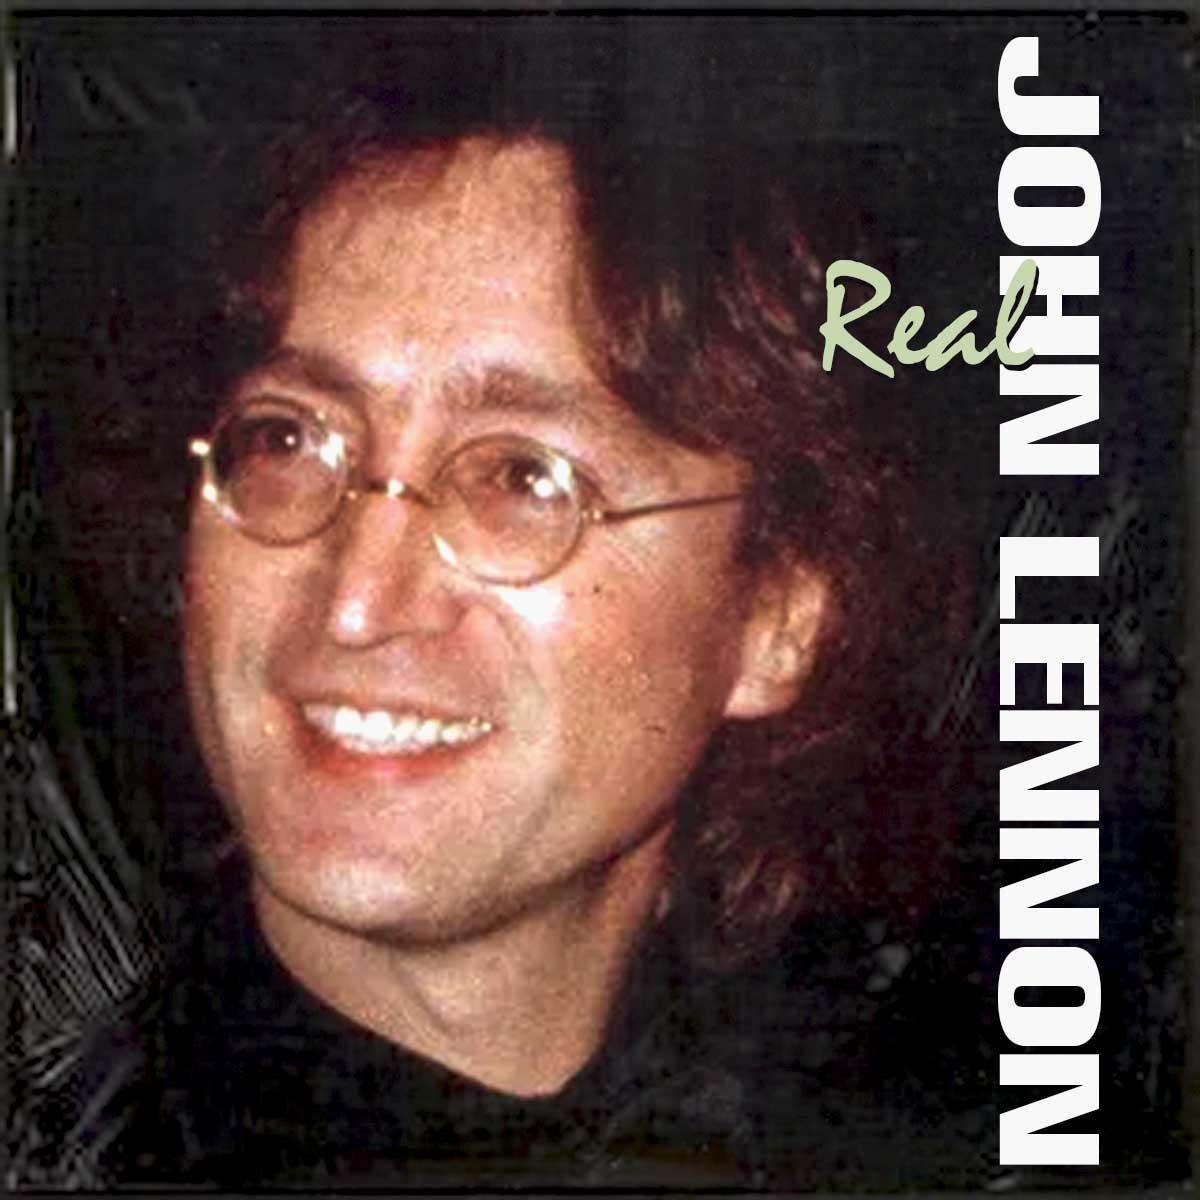 John Lennon Real.jpg